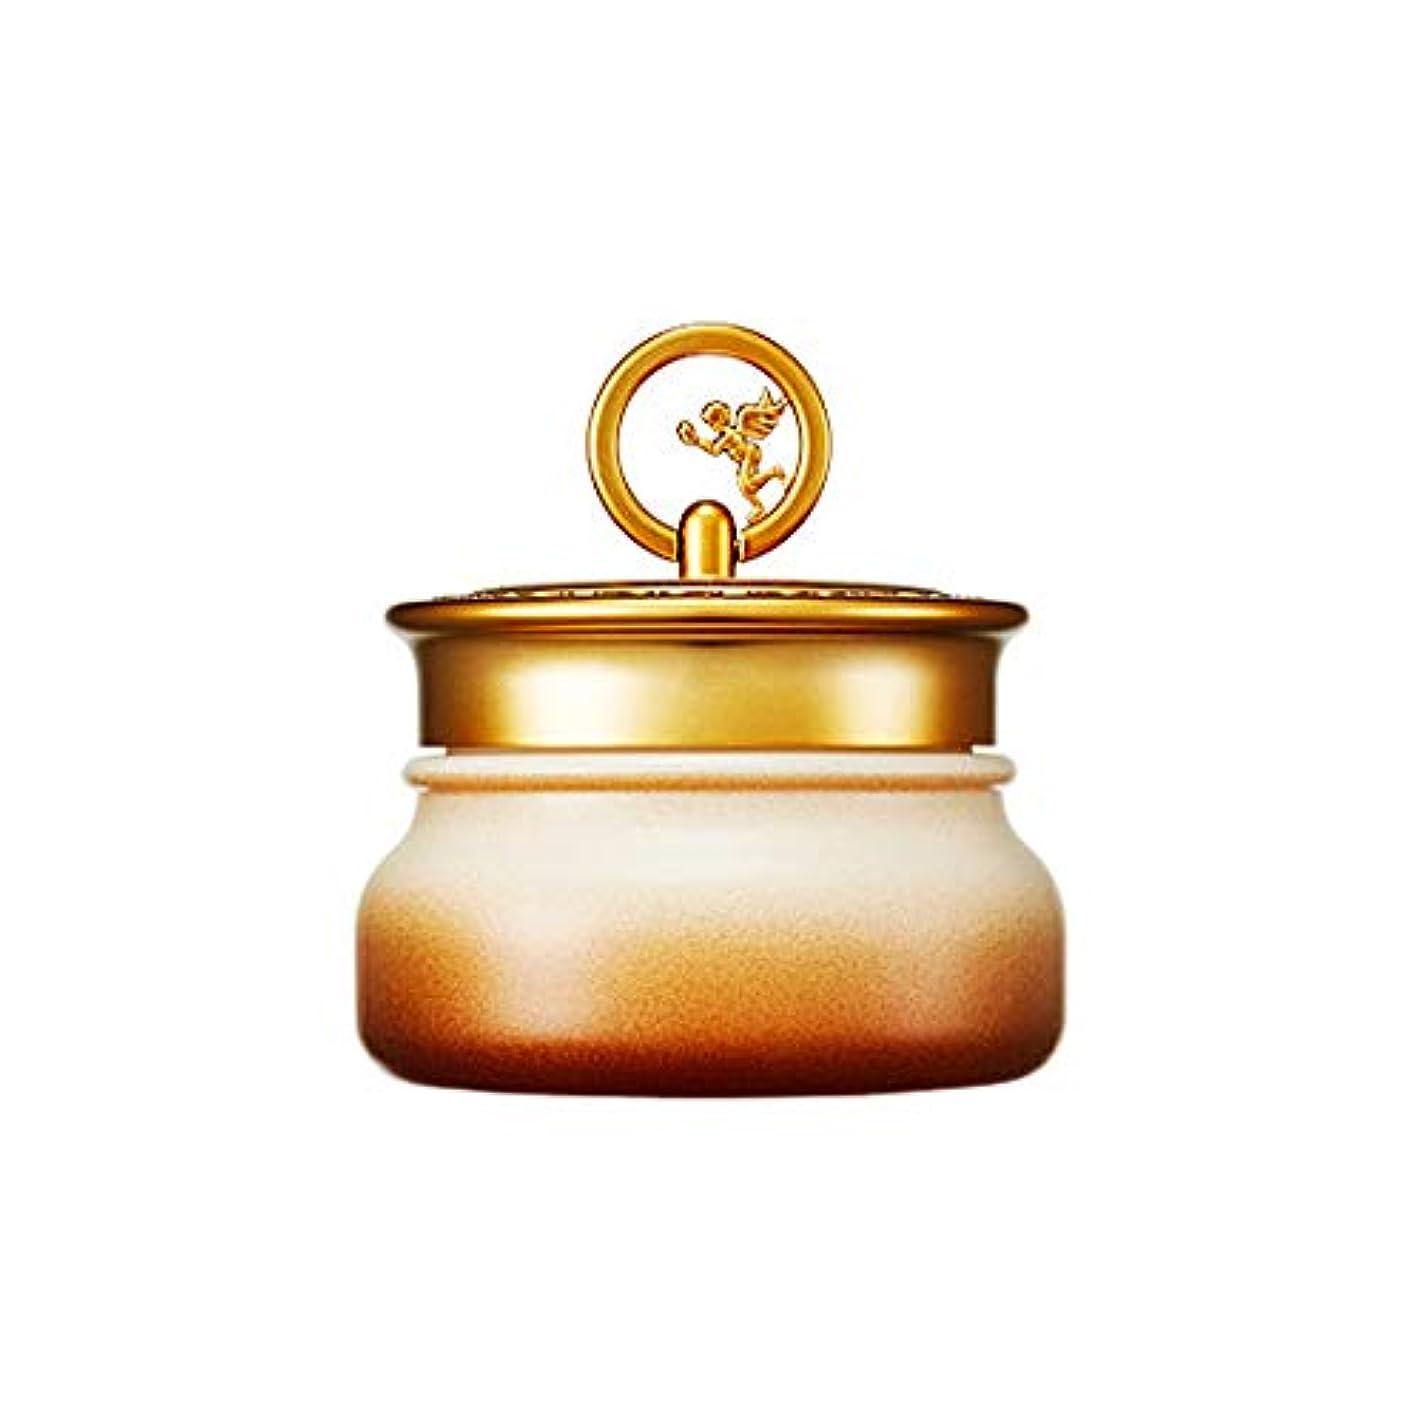 かかわらず膨らませるマニュアルSkinfood ゴールドキャビアクリーム(しわケア) / Gold Caviar Cream (wrinkle care) 45g [並行輸入品]